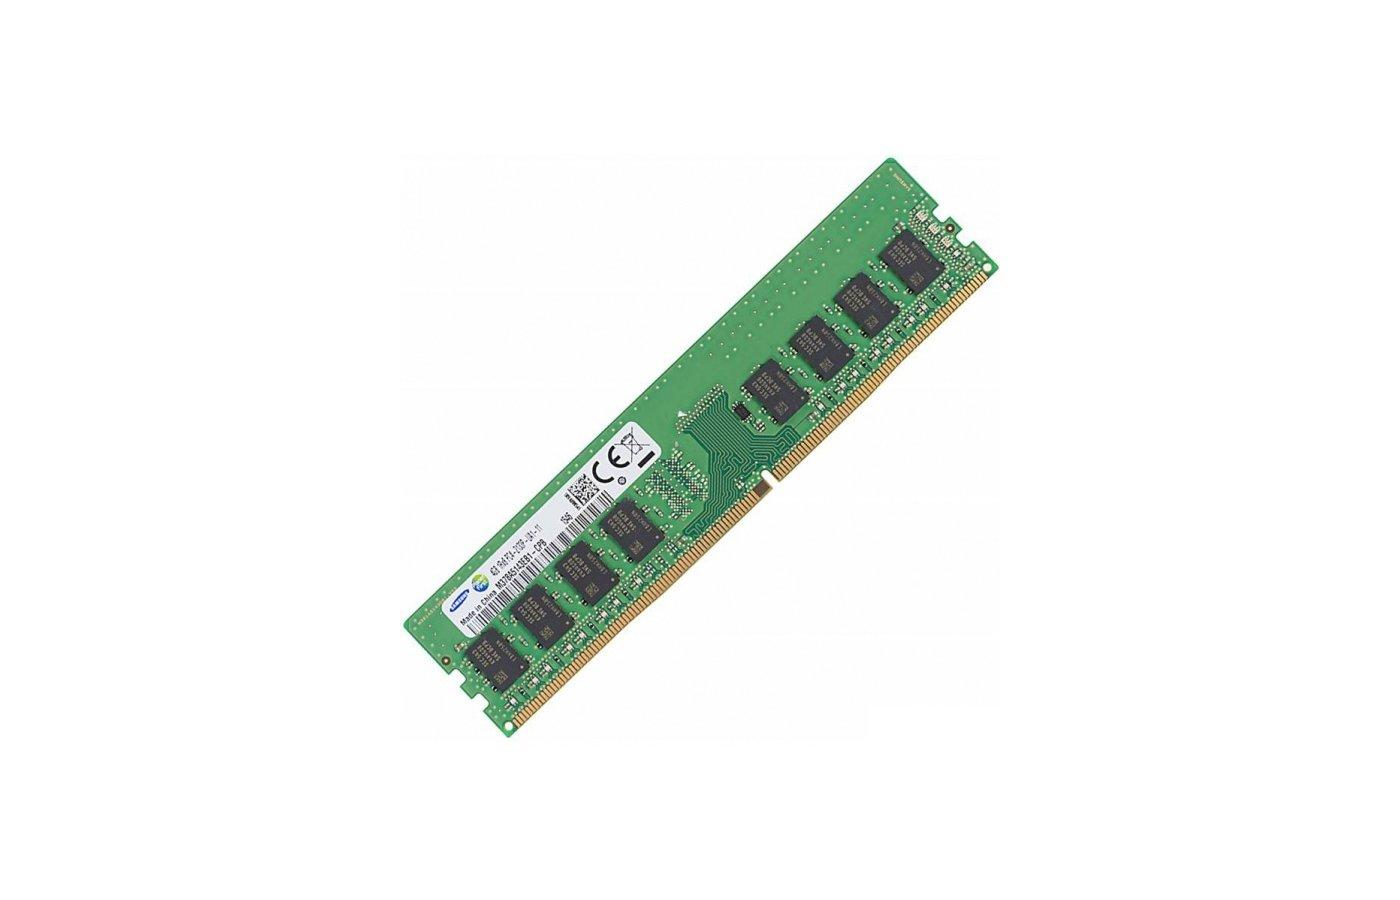 Оперативная память Samsung M378A5143EB1 OEM PC4-17000 DDR4 4Gb 2133MHz